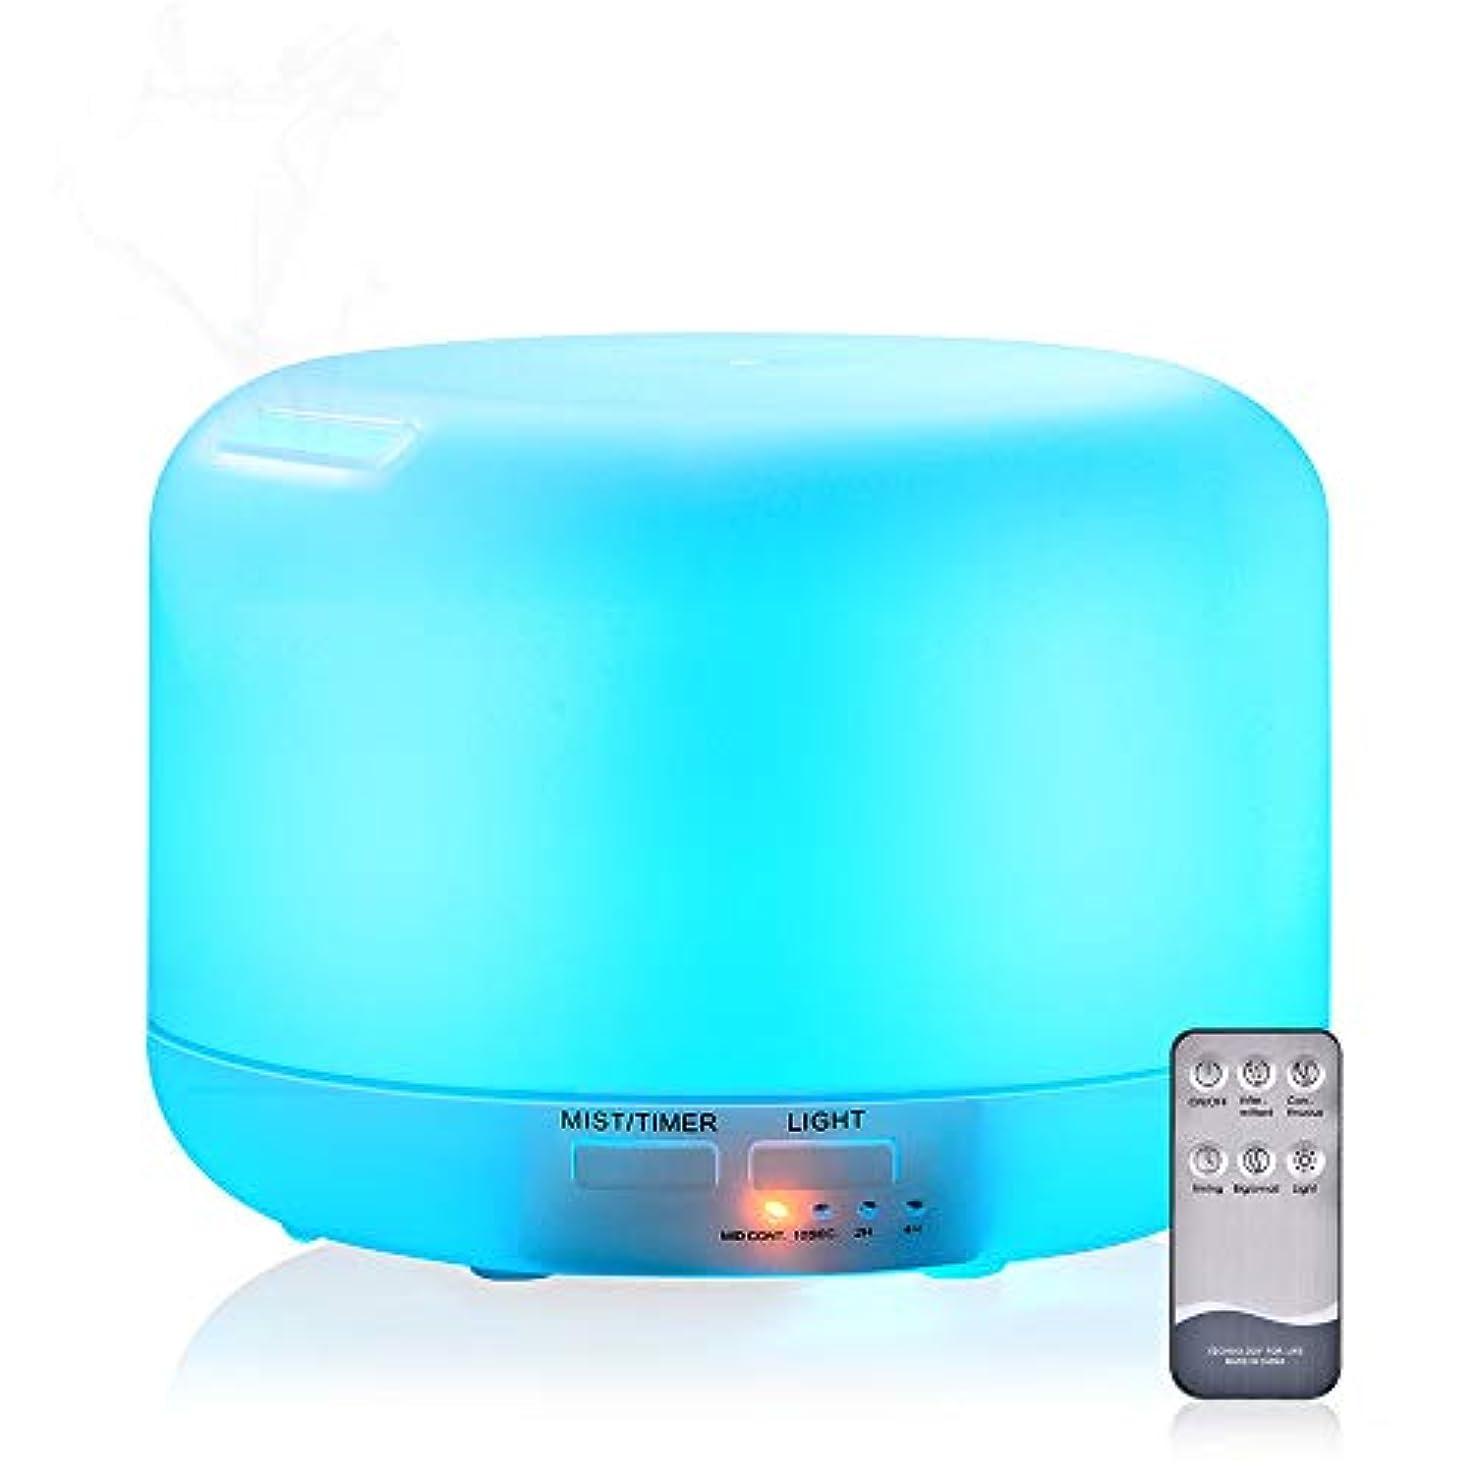 実証する会うビル500ミリメートルリモコン空気アロマ超音波加湿器カラーLEDライト電気アロマセラピーエッセンシャルオイルディフューザー